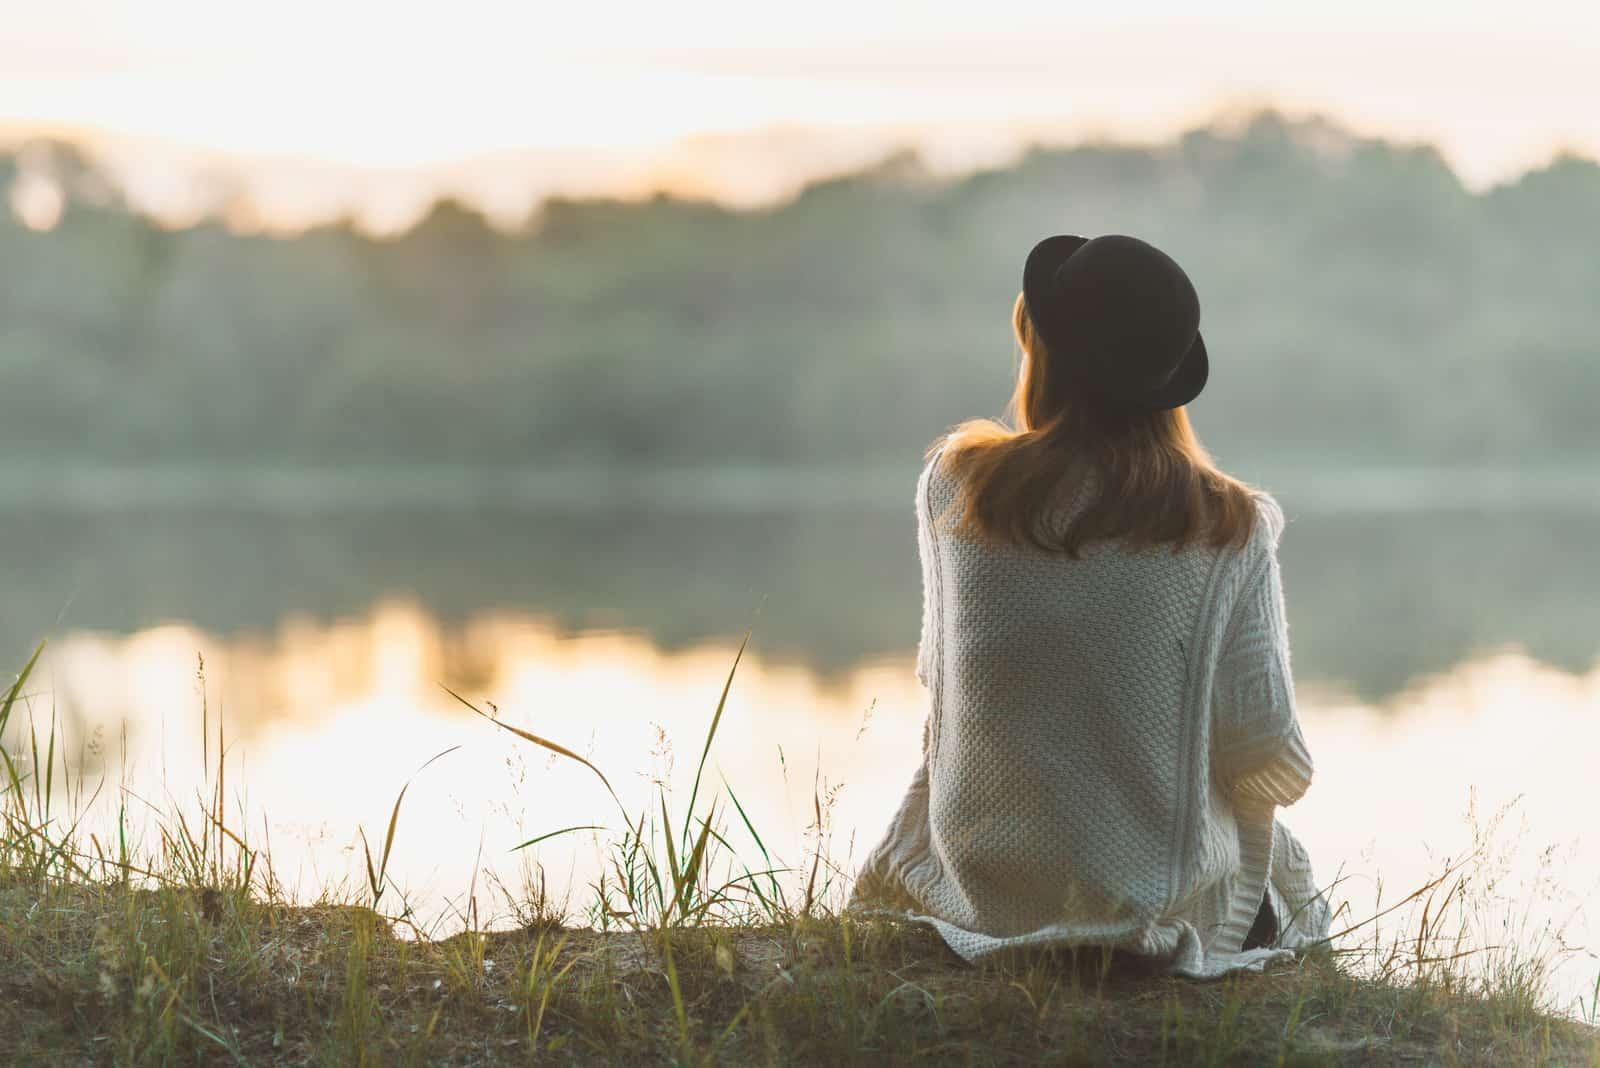 eine imaginäre Frau mit Hut auf dem Kopf und Blick auf den Fluss